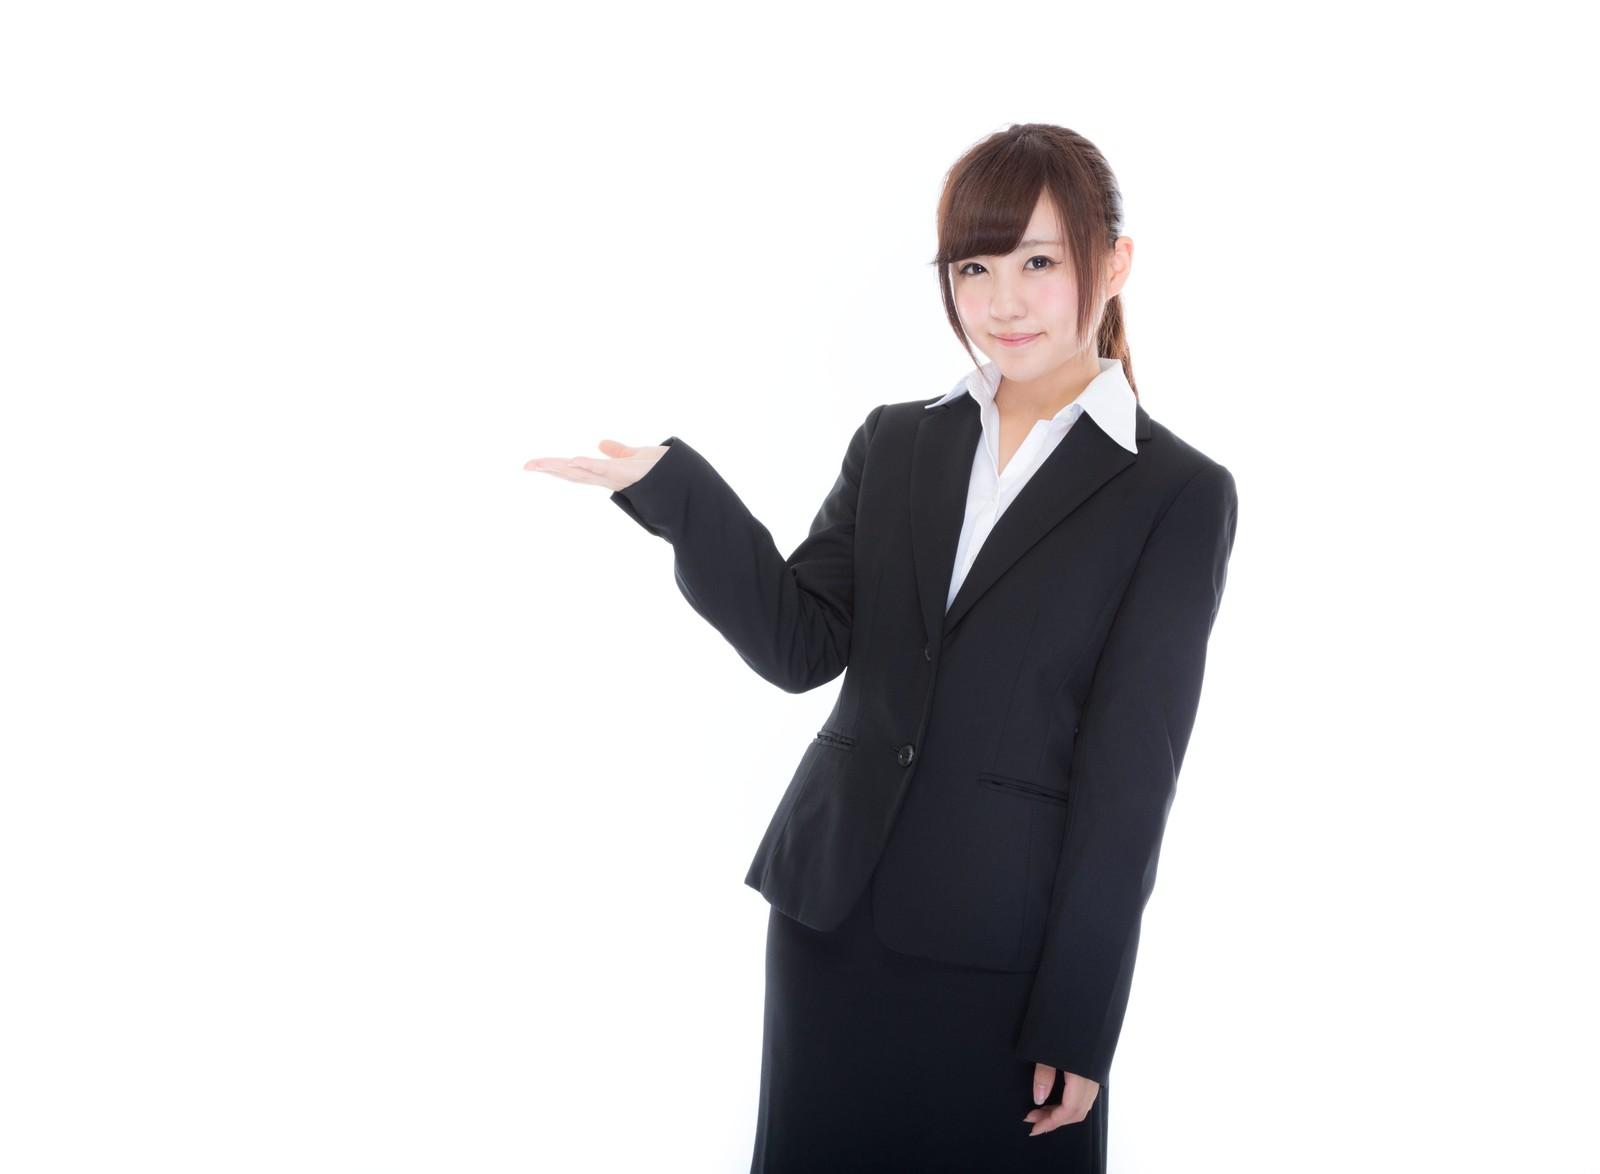 施工管理の転職ロードマップ完全版【元施工管理が徹底解説】